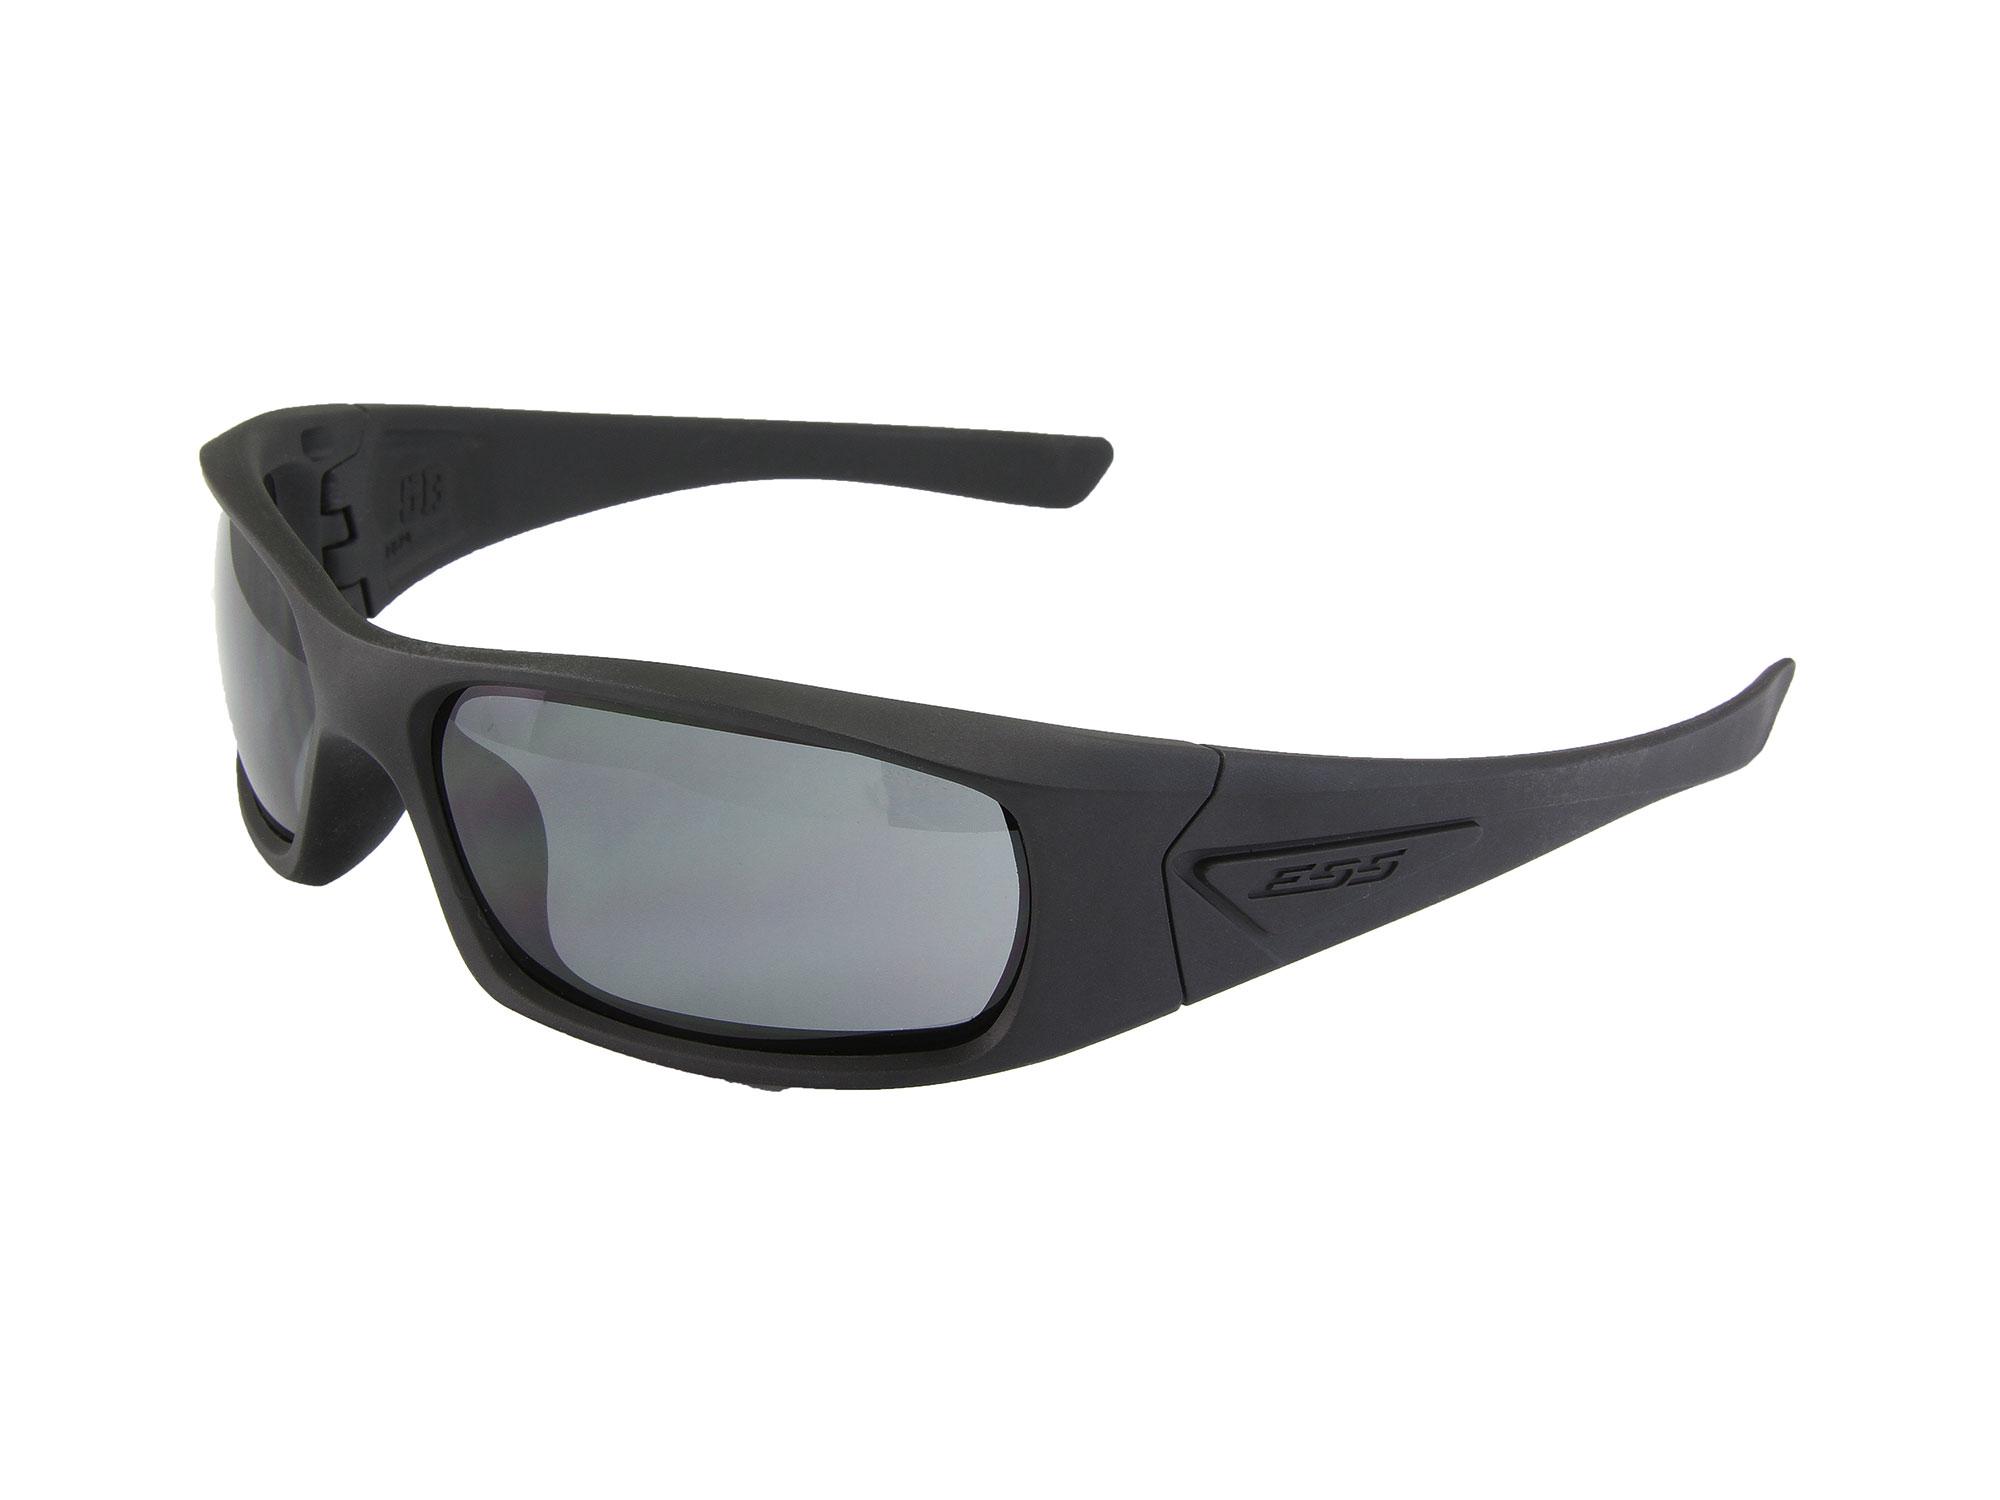 EE9006-102フレーム:アーマーブラック、レンズ:スモークグレイ